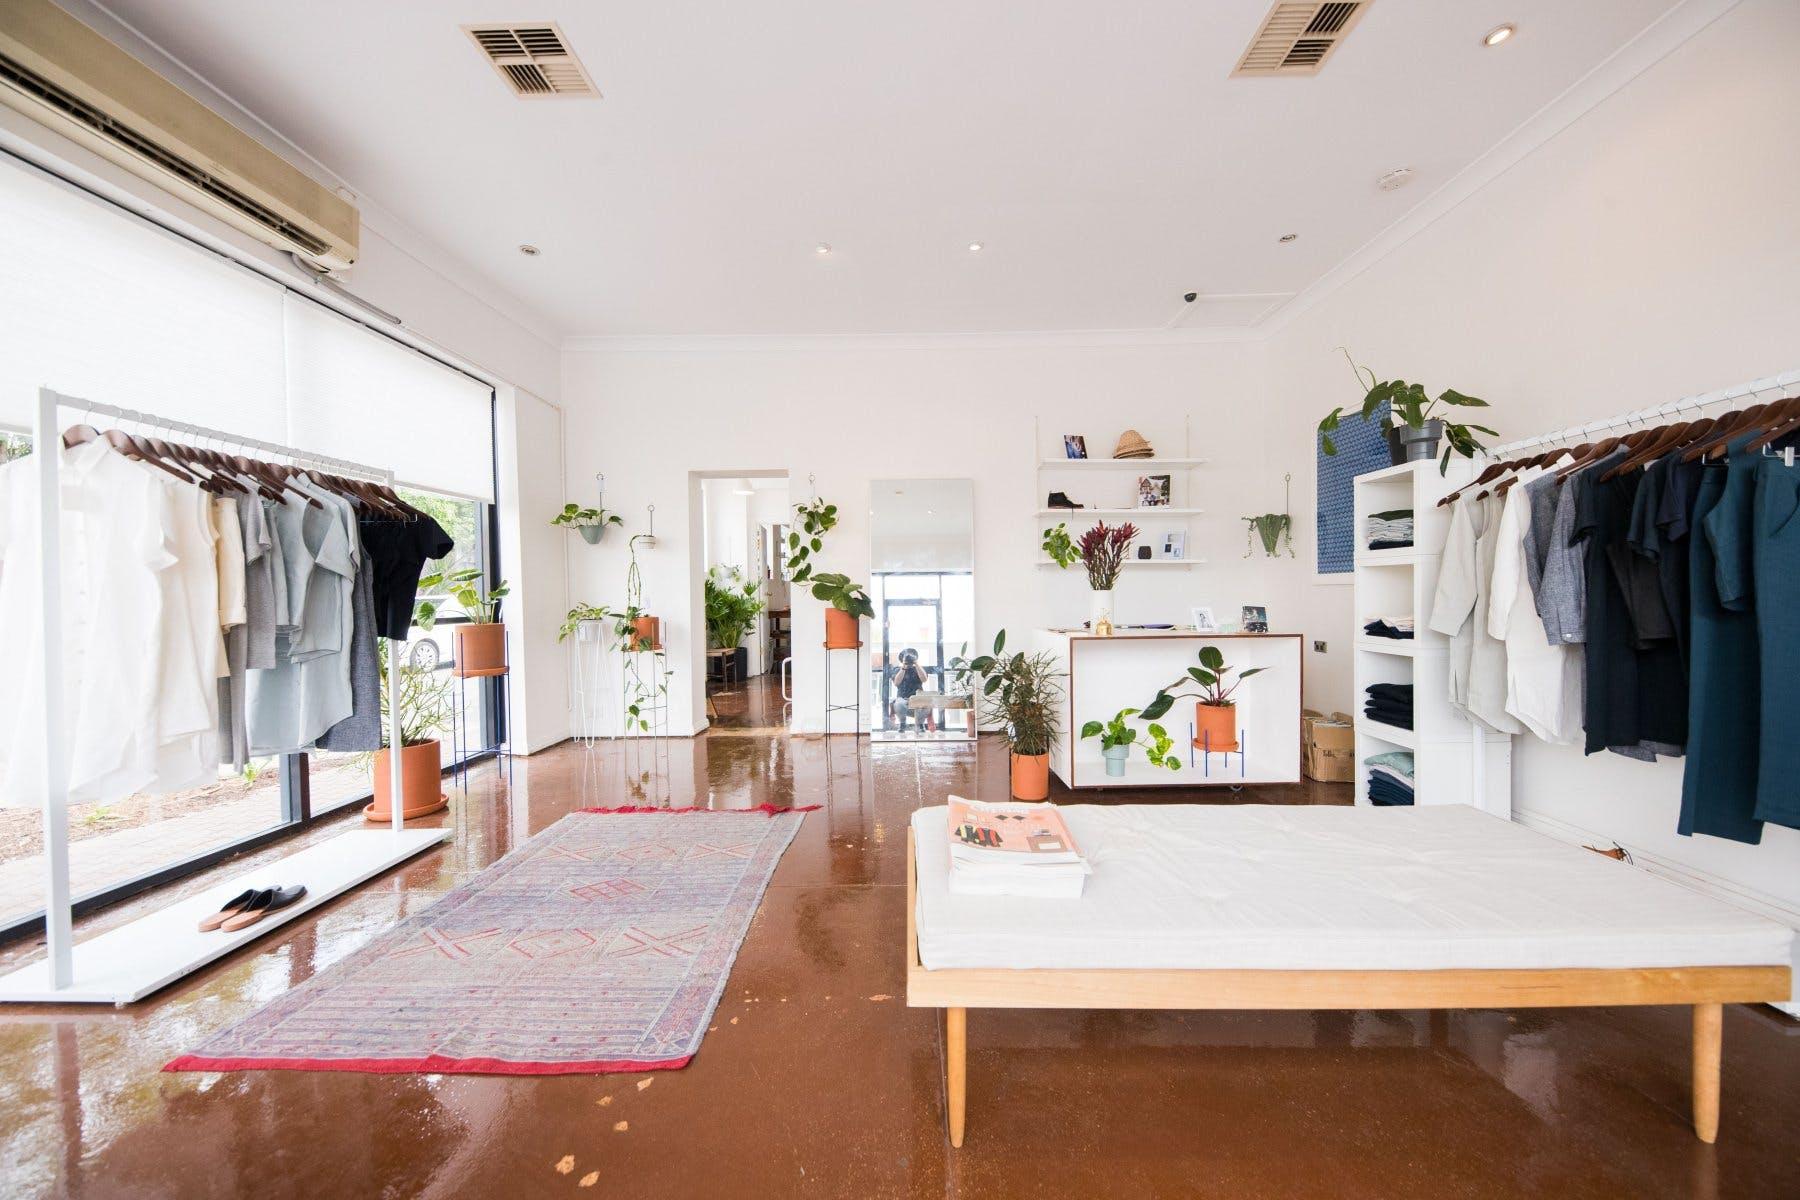 Shopfront & Showroom, shopfront at Ensemble Studios, image 2